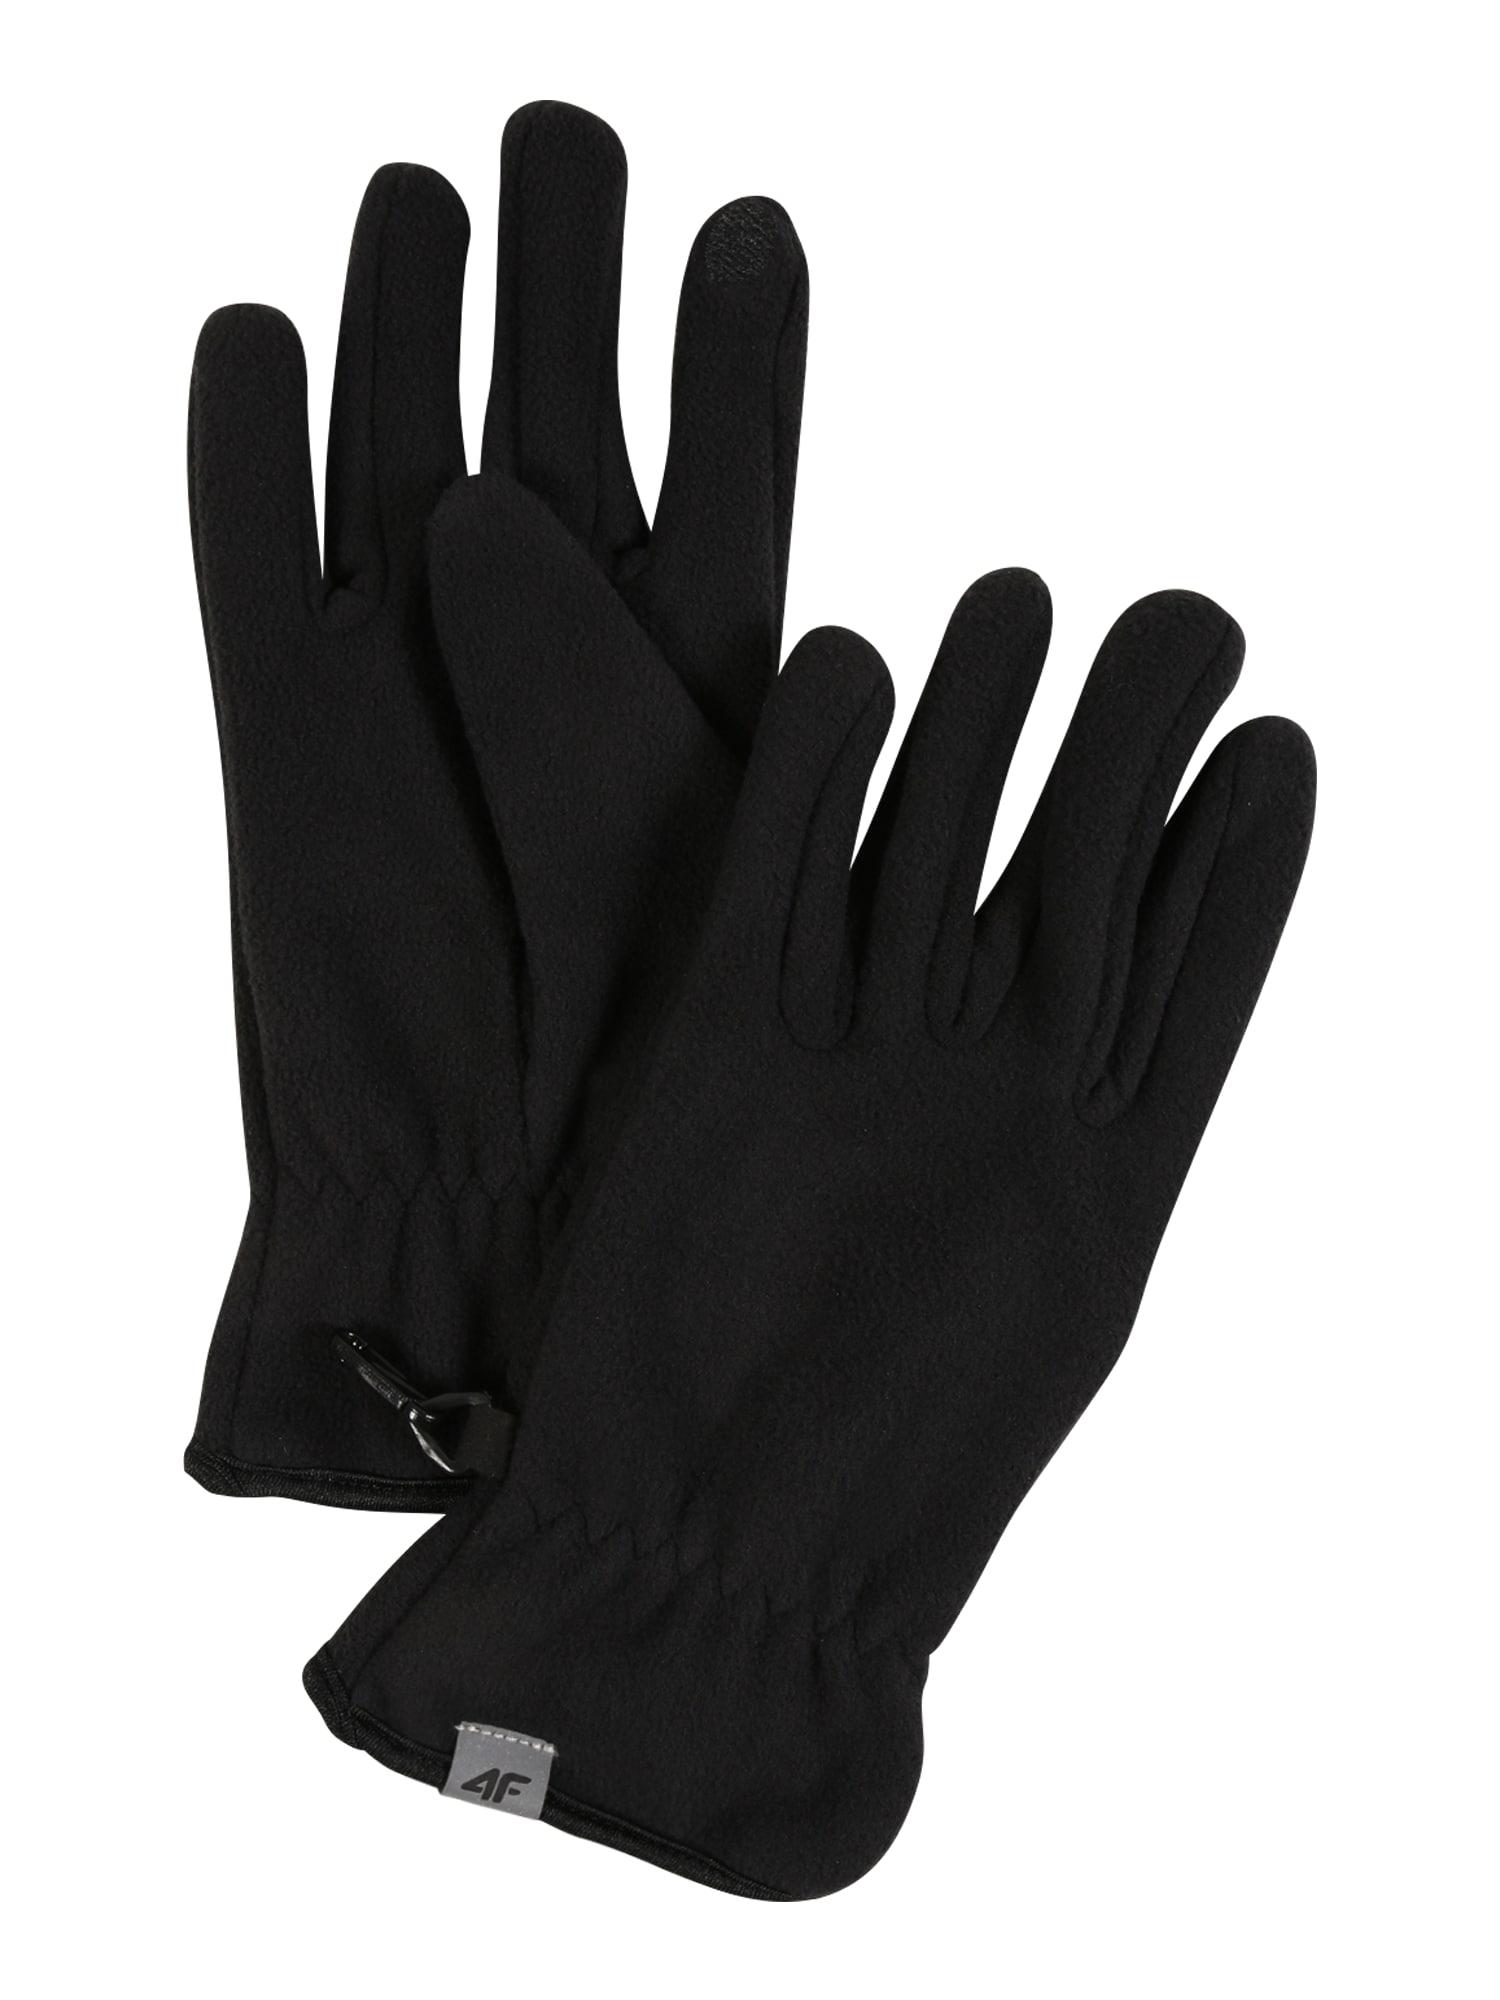 4F Sportinės pirštinės juoda